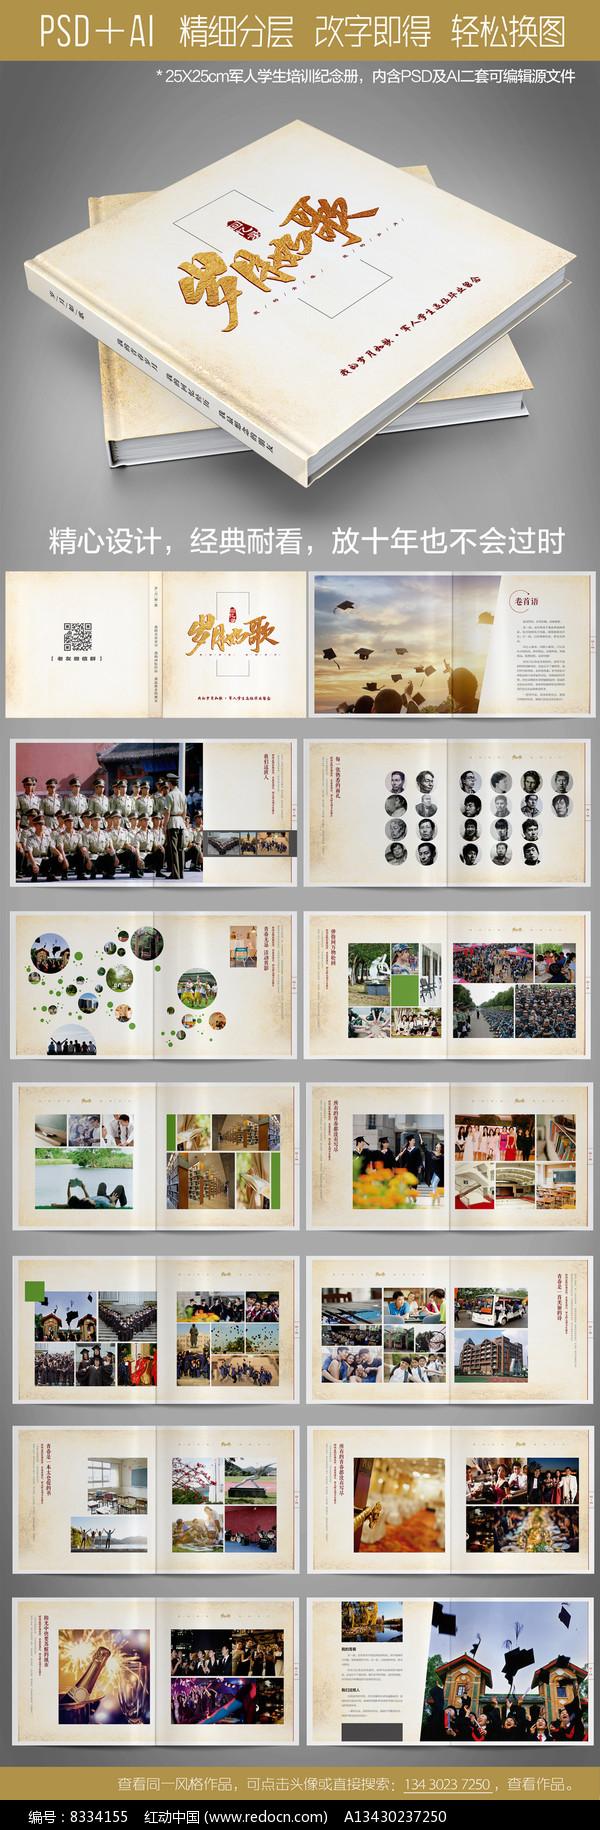 退伍纪念册毕业纪念册同学录图片